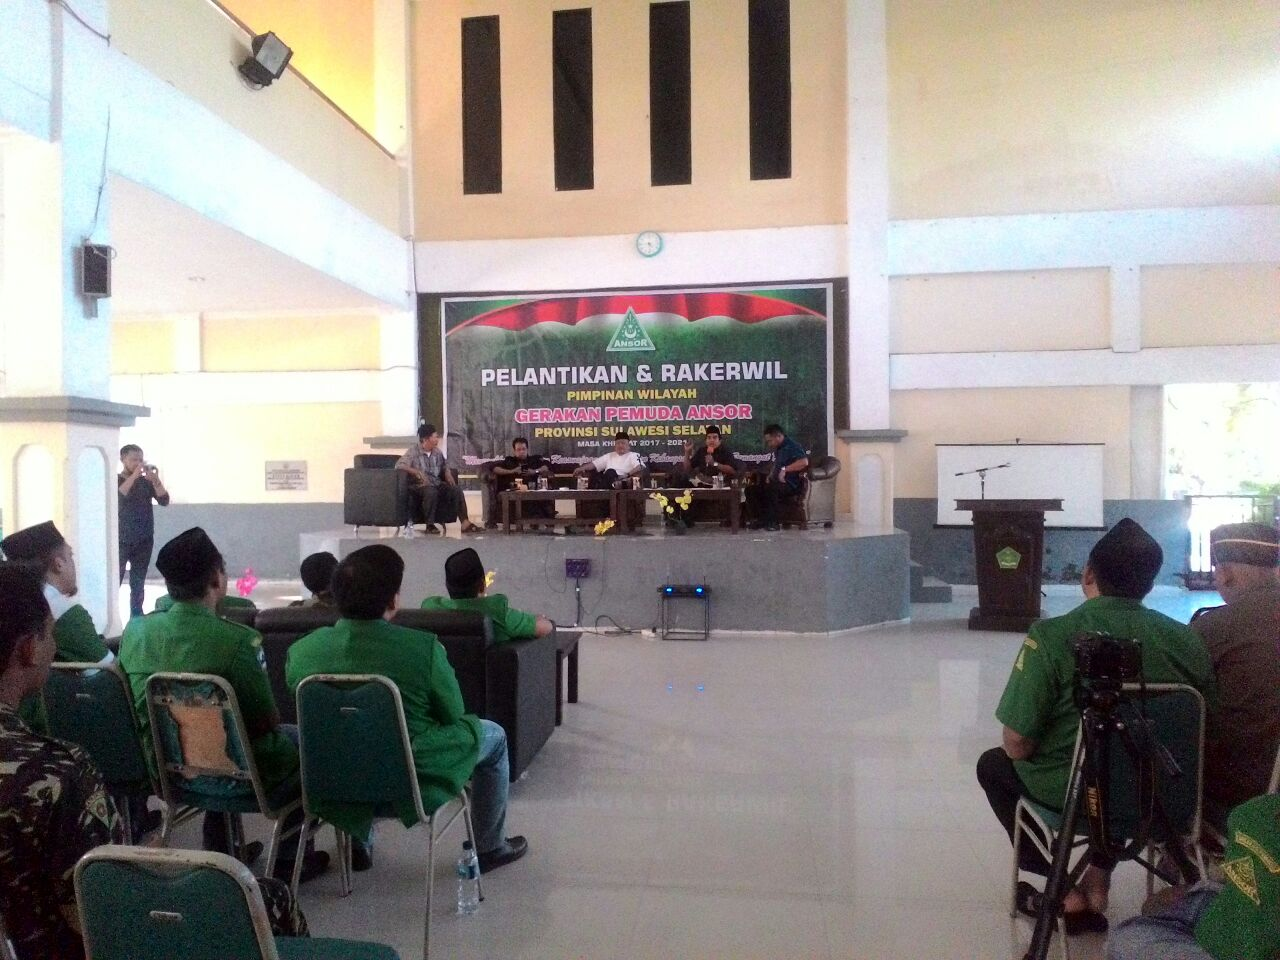 Pimpinan Wilayah Gerakan Pemuda Ansor Sulawesi Selatan Mengelar kegiatan Pelantikan dan Rapat Kerja Wilayah(rekerwil) masa khidmat priode 2017-2021, di Asrama Haji Sudiang,Sabtu(05/05/18).